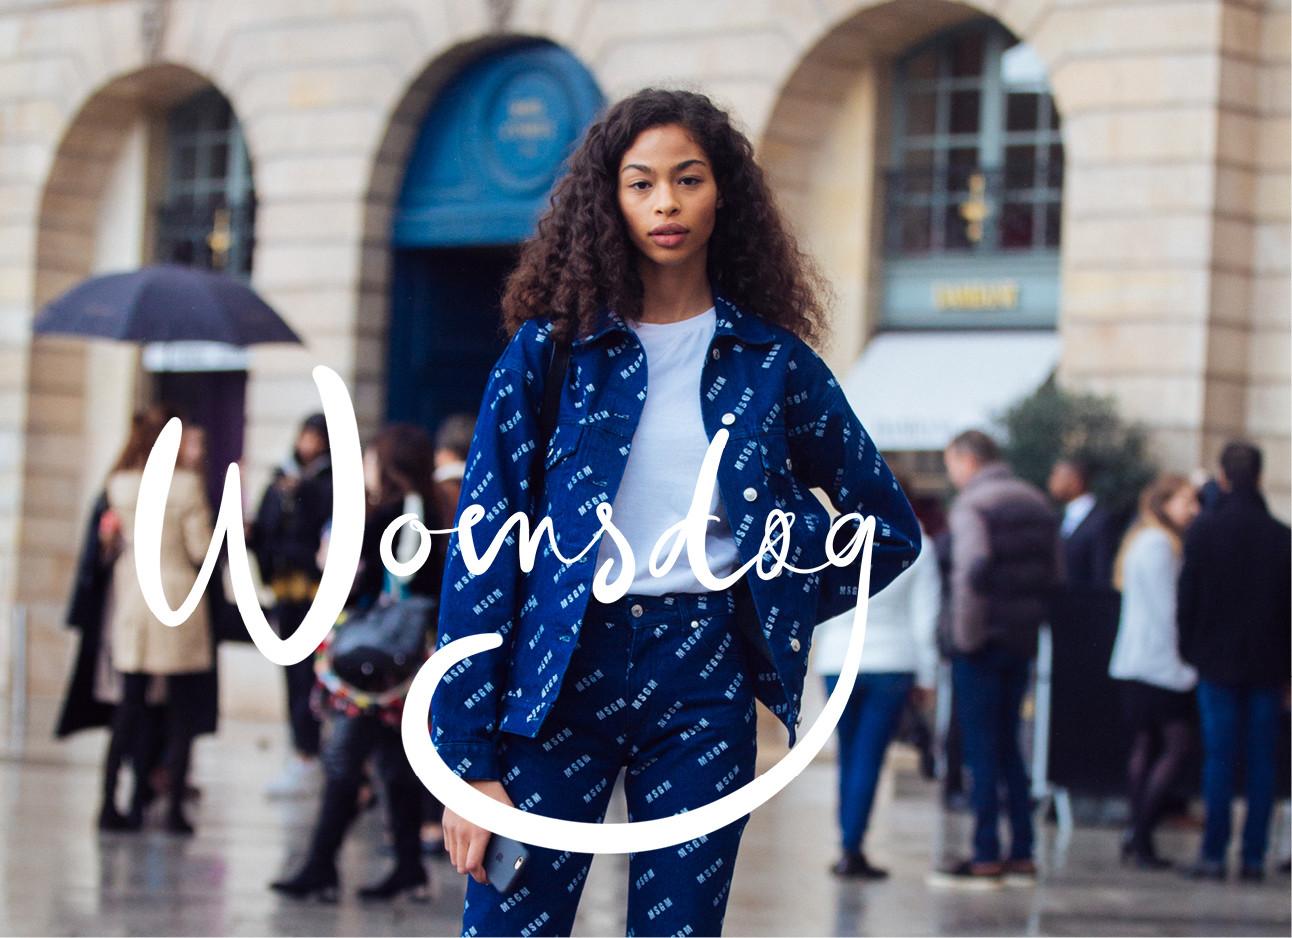 Look of the day super model Zoet Thaets in parijs op straat met een spijkepak aan en een witte top